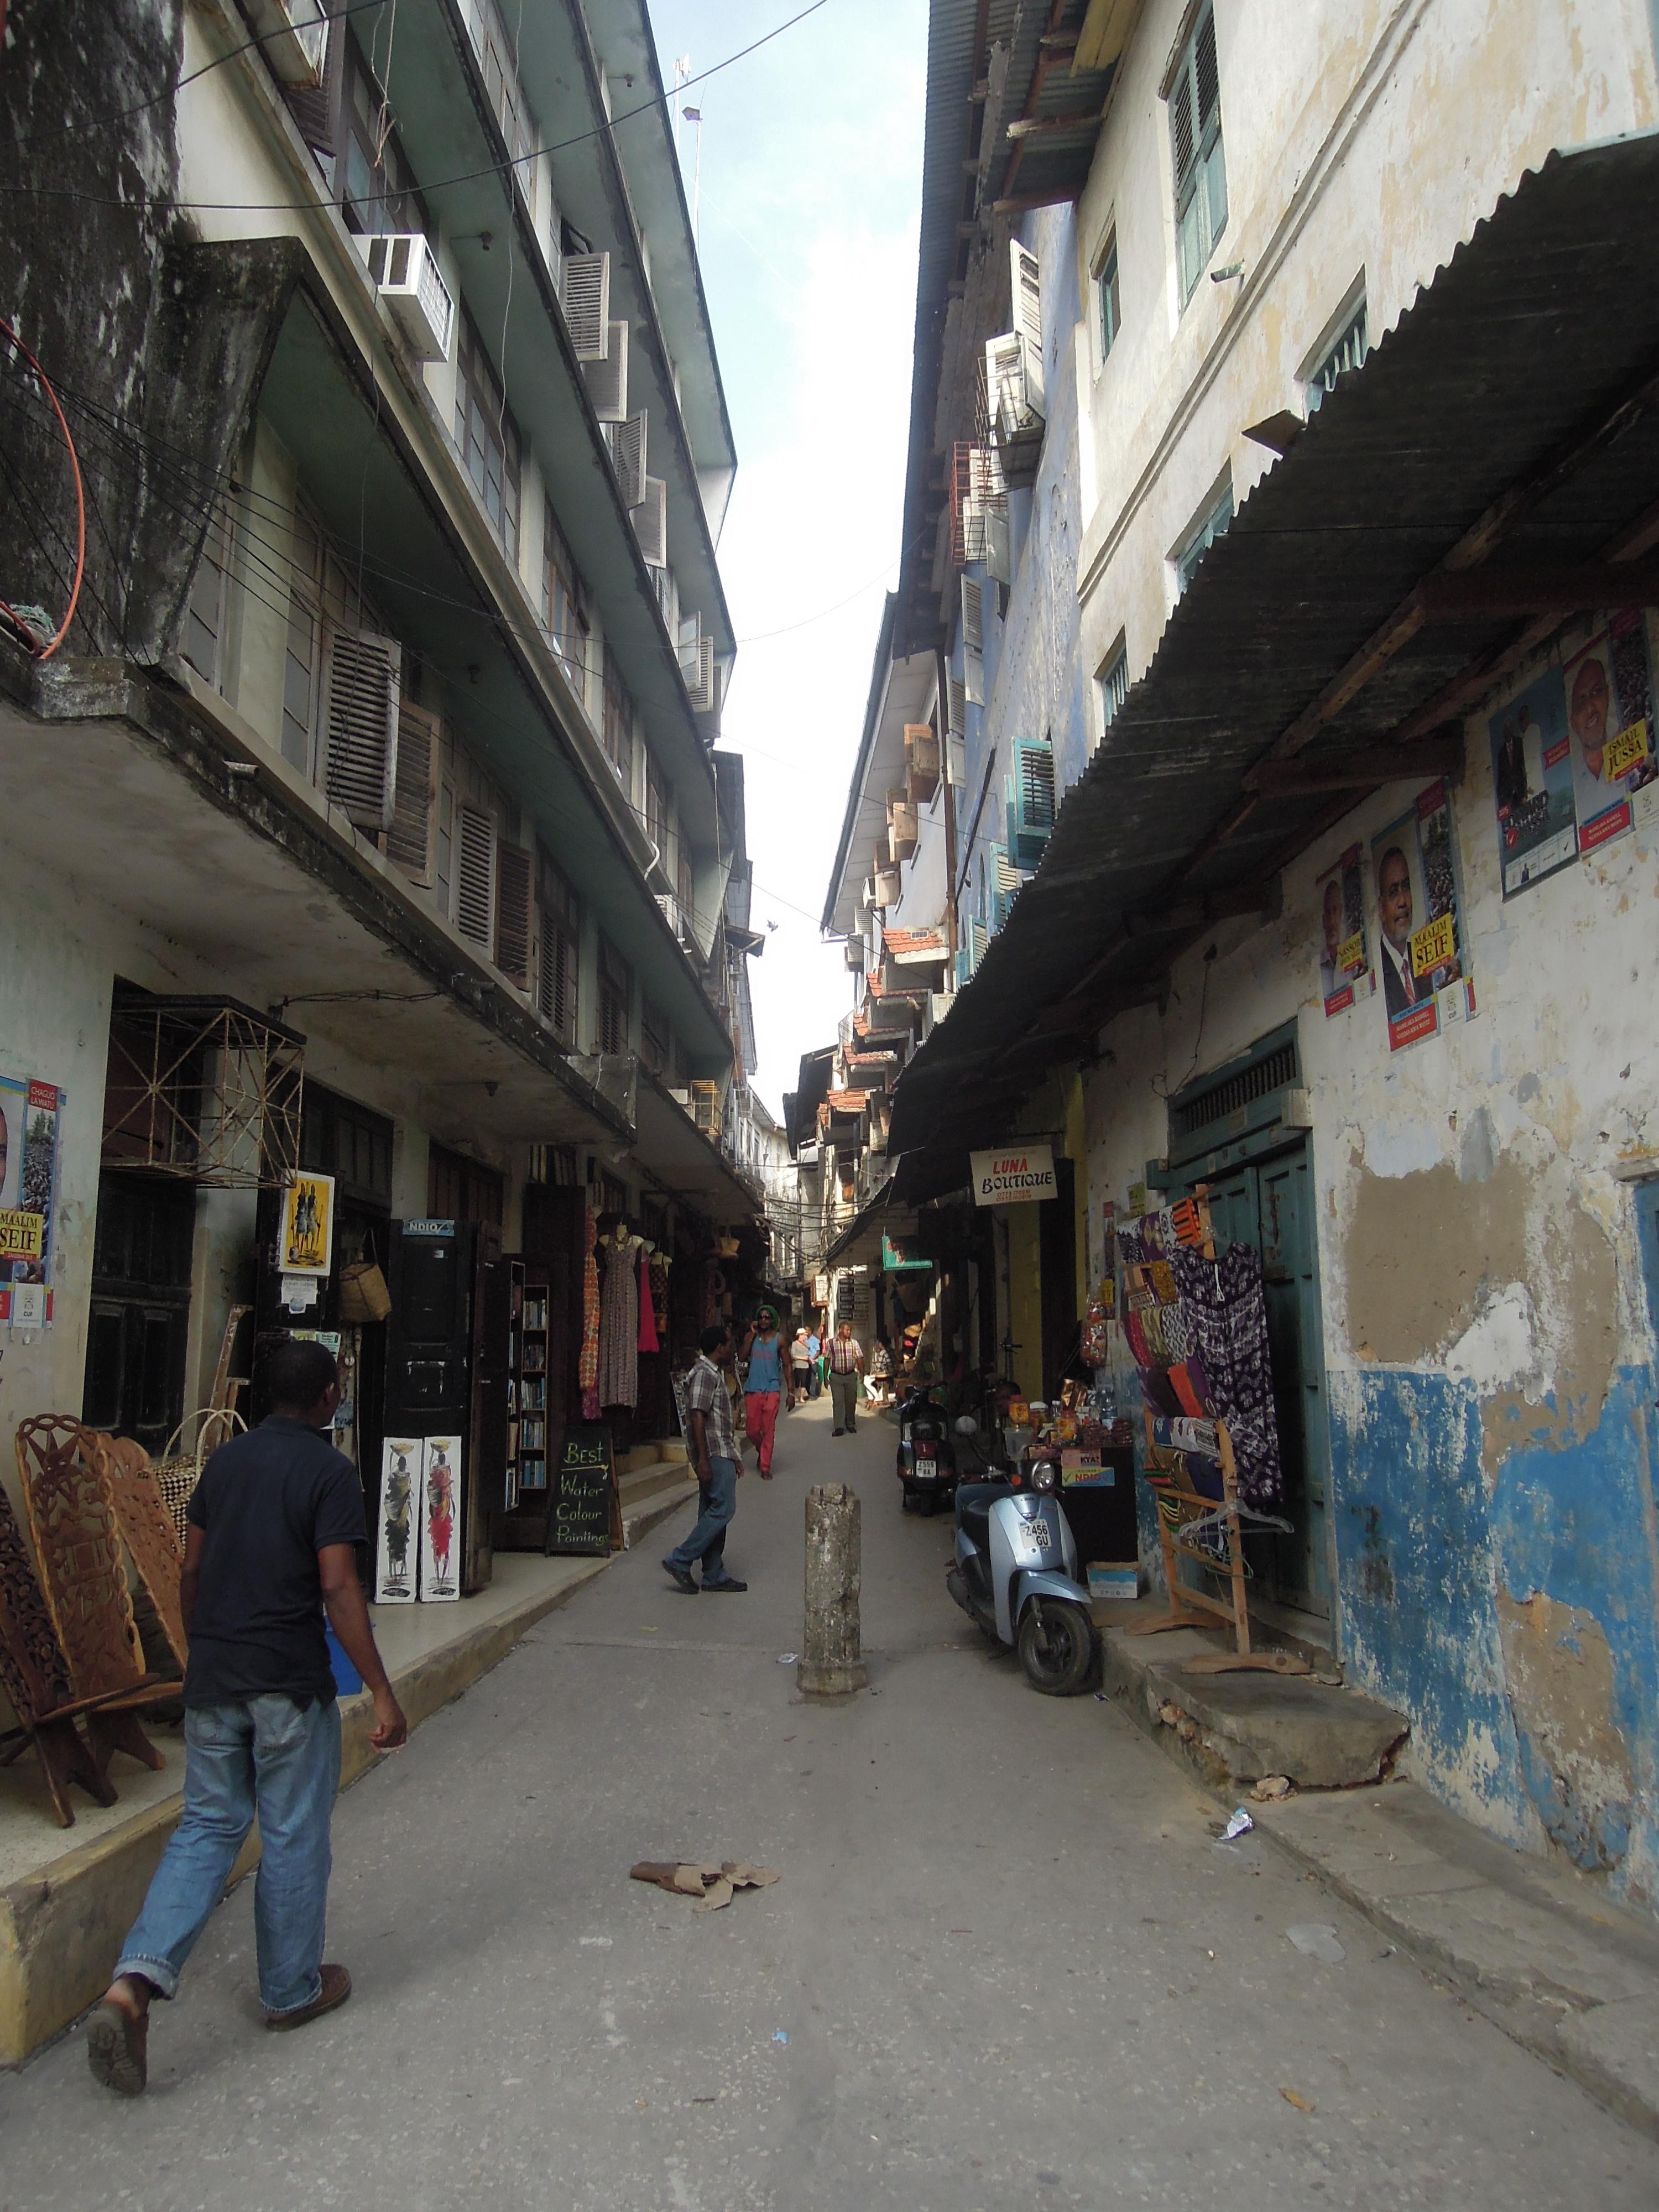 Uliczki są tak wąskie, że budynki zapewniają stały cień, Stone Town, Zanzibar, Tanzania, fot. M. Lehrmann